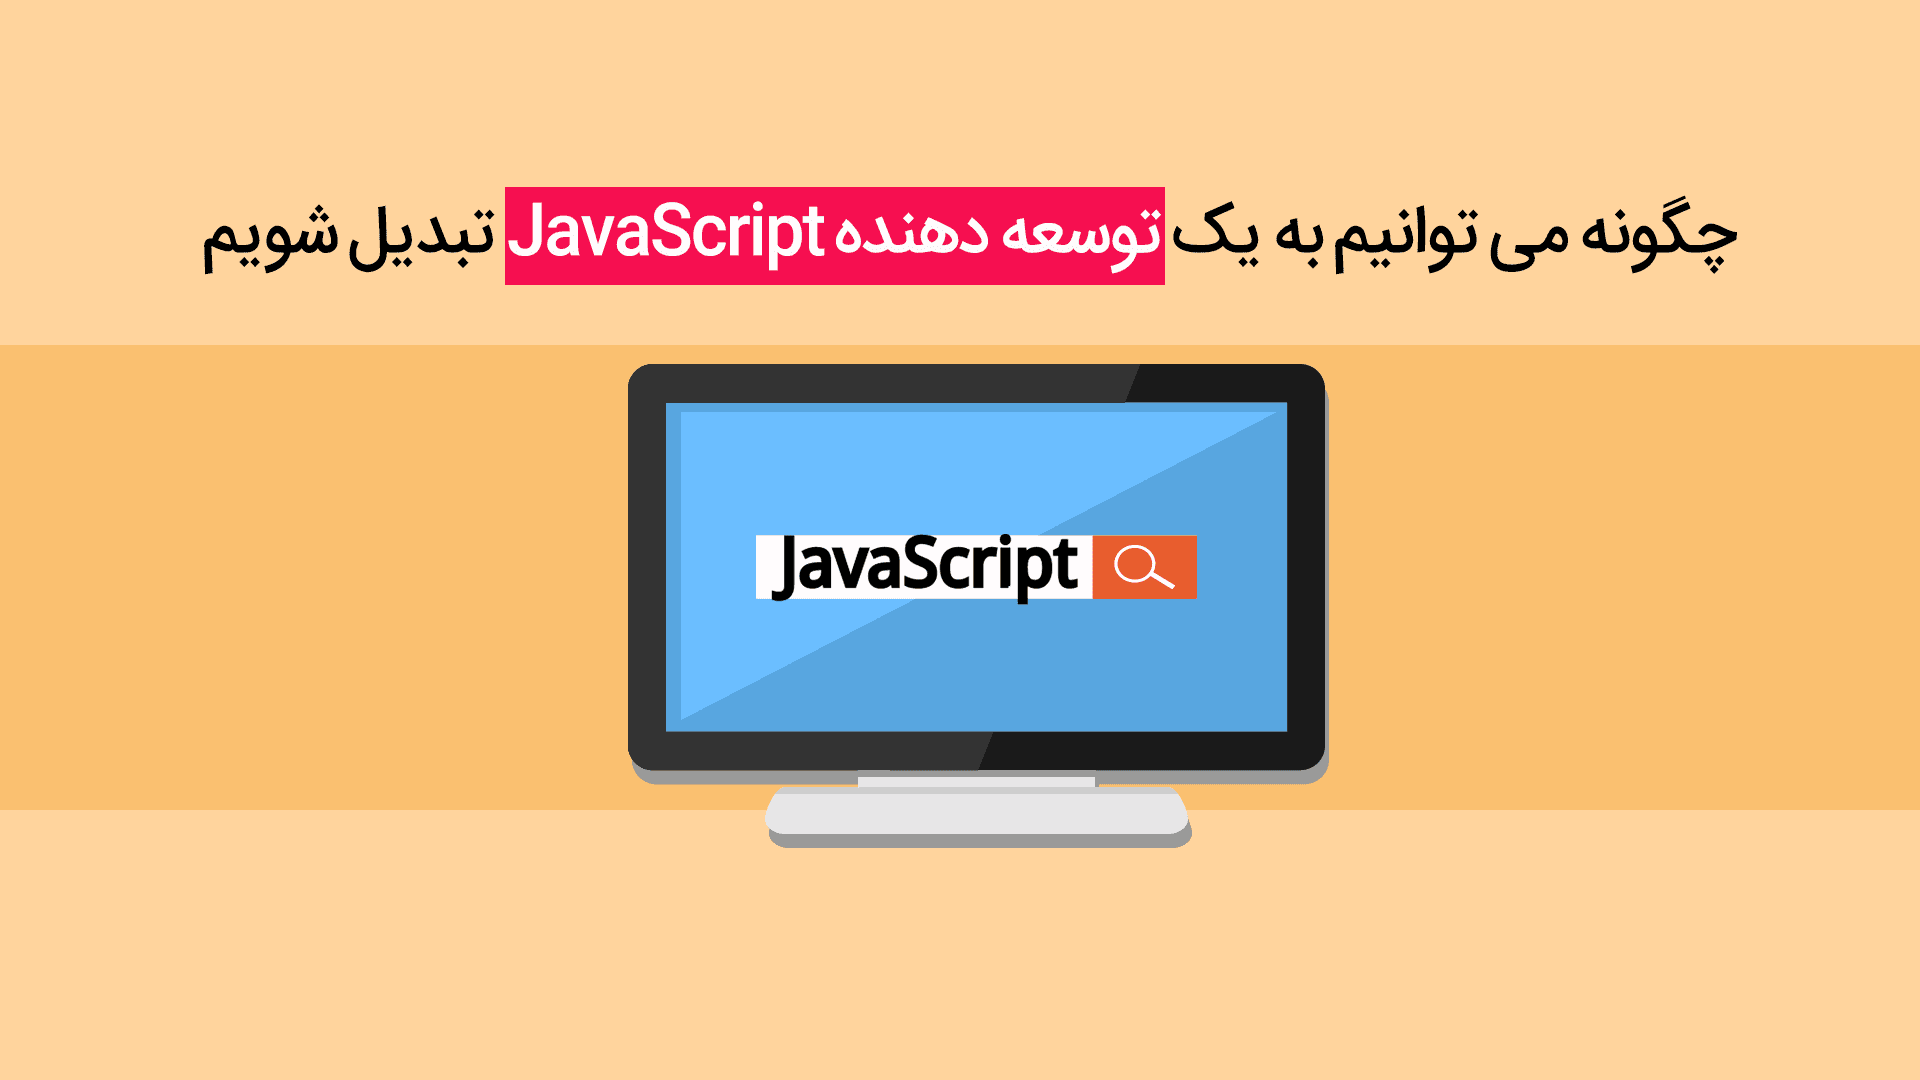 چگونه به یک توسعه دهنده JavaScript تبدیل شویم؟